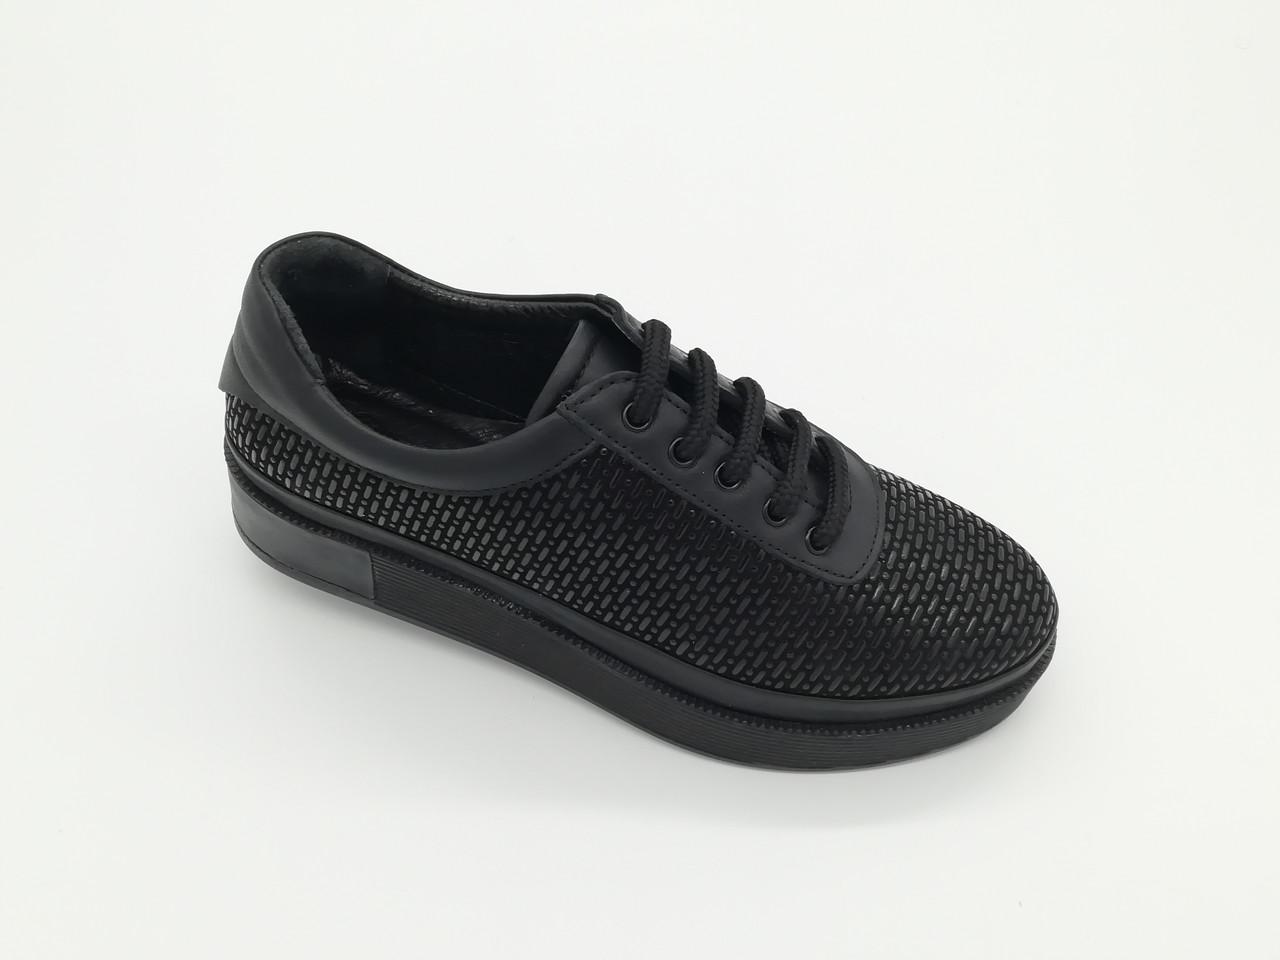 Туфлі Туреччина. Маленькі розміри (33 - 35 ).